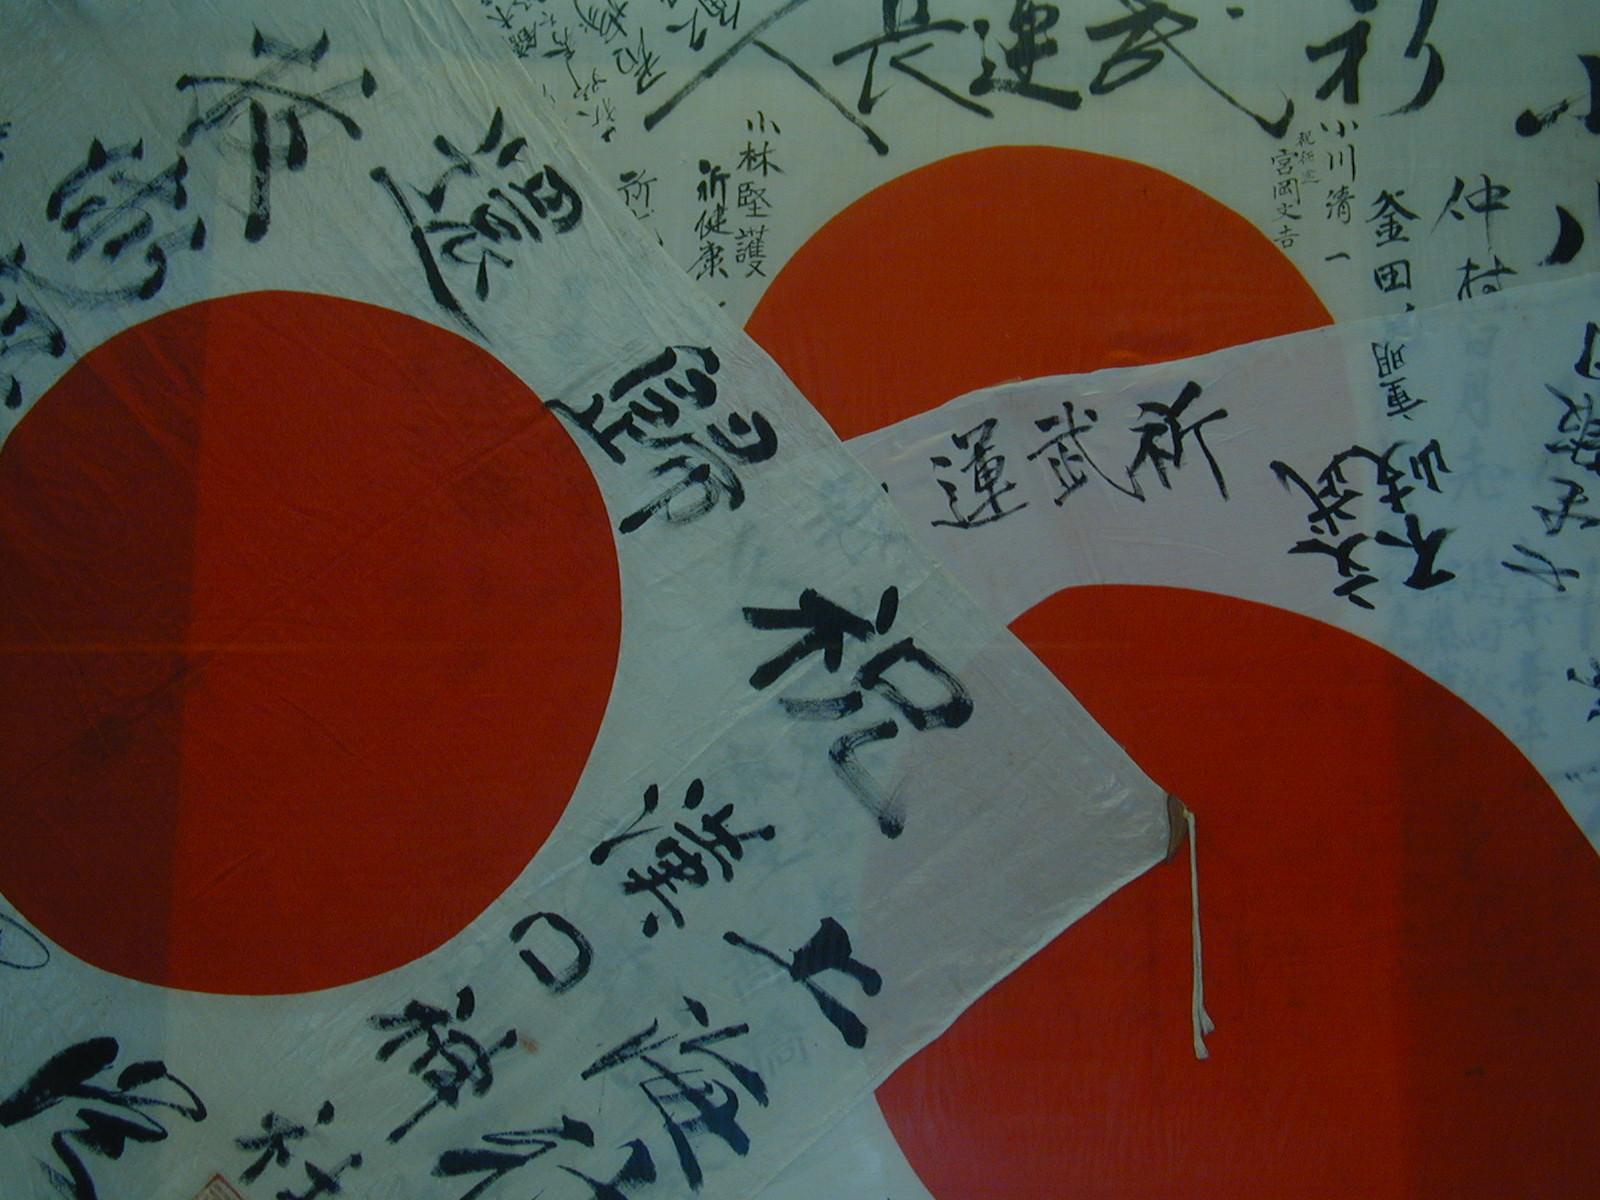 「日本の侵略戦争を美化する危険人物」として留学生から抗議された思い出